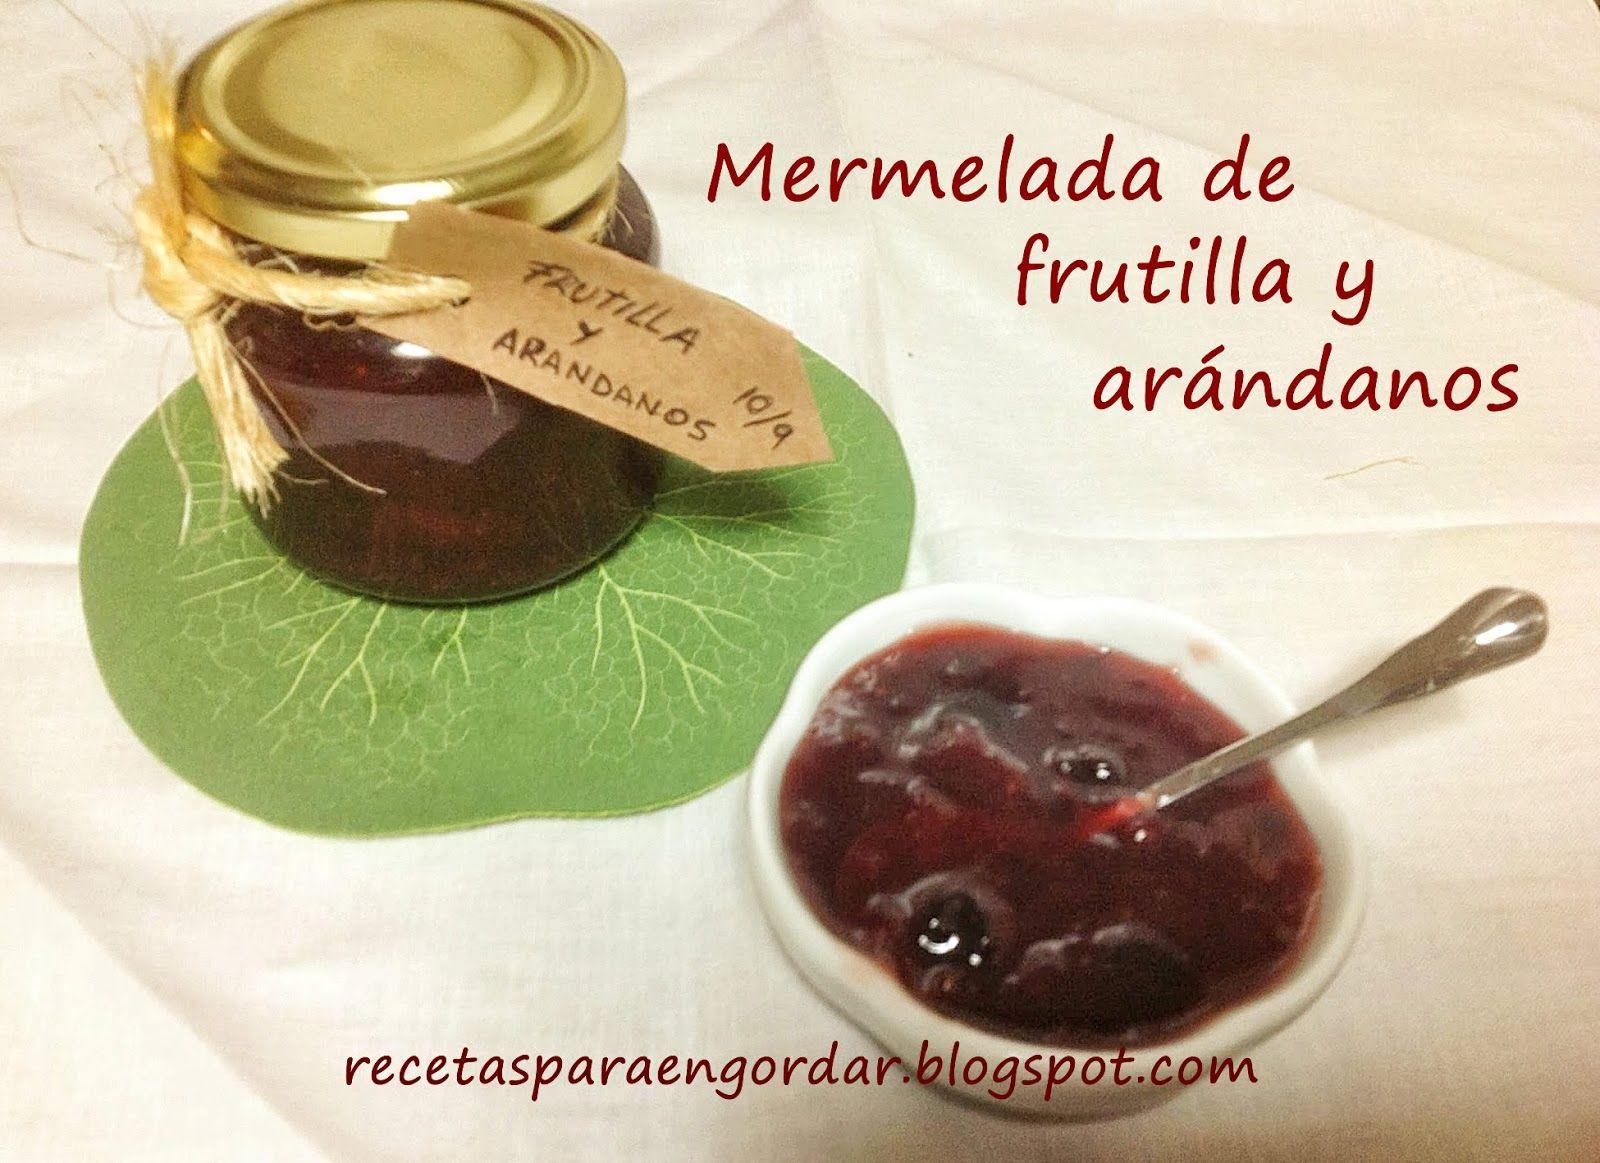 Recetas para engordar...: Mermelada de frutilla y arándanos